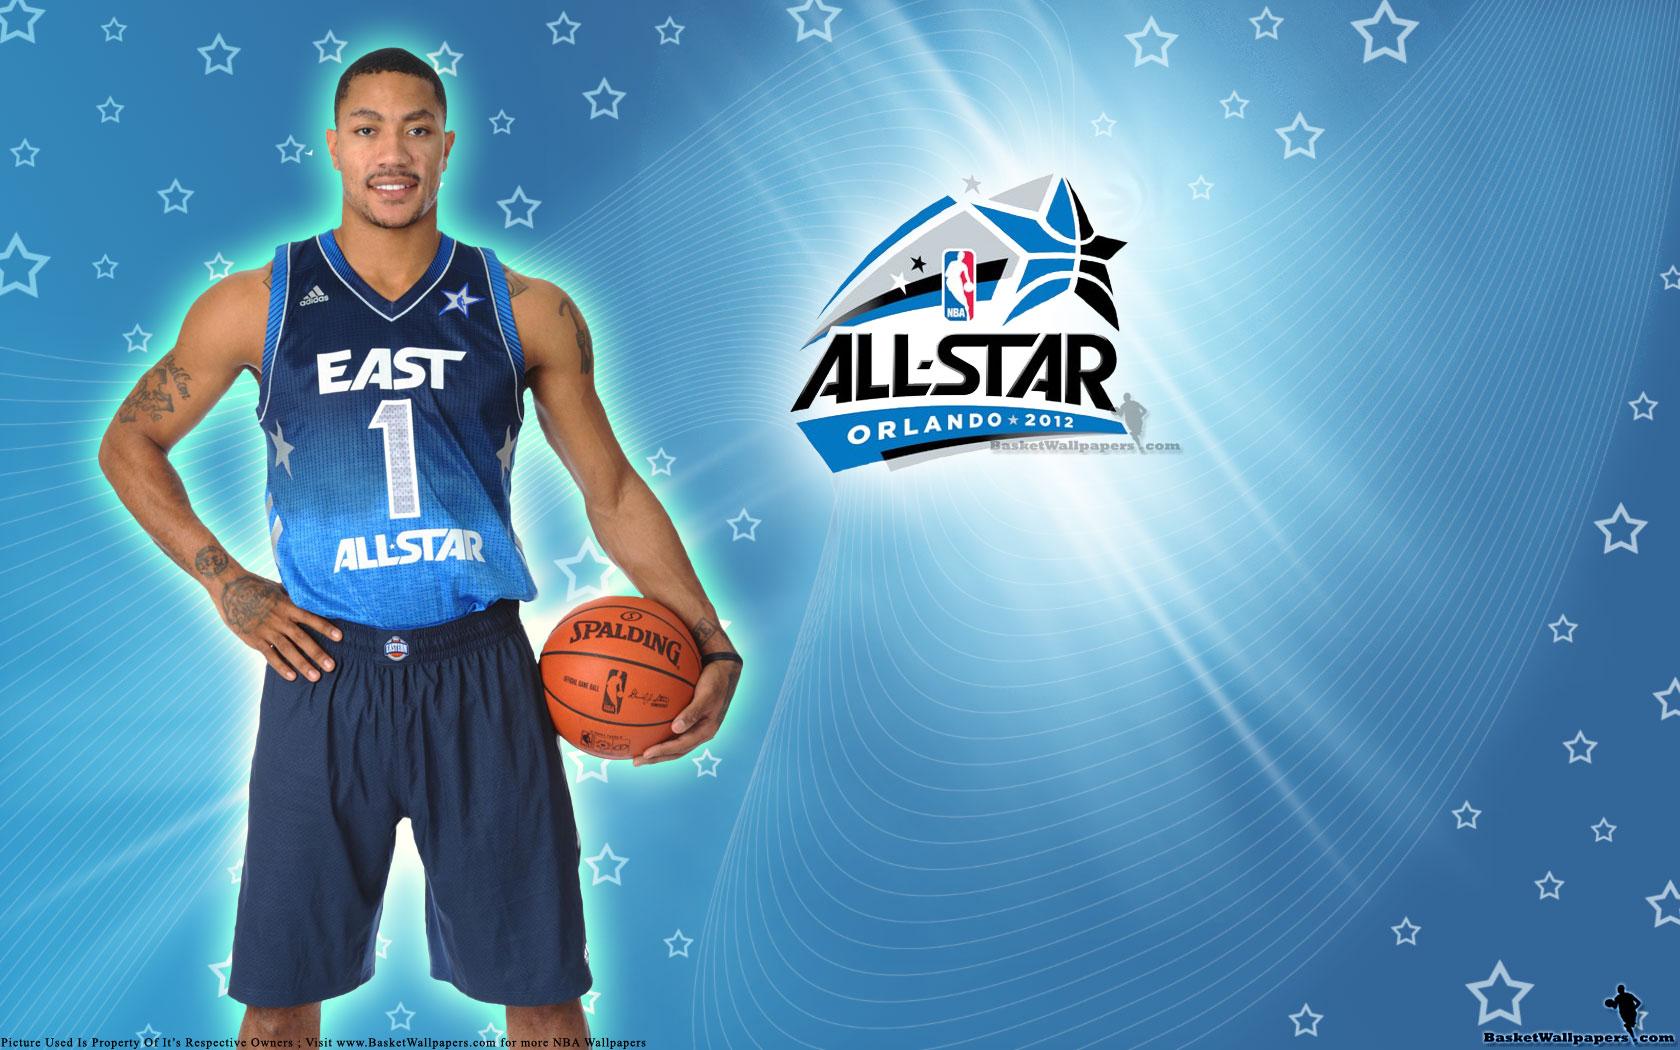 2012 Nba All Star Derrick Rose Wallpaper Basketball